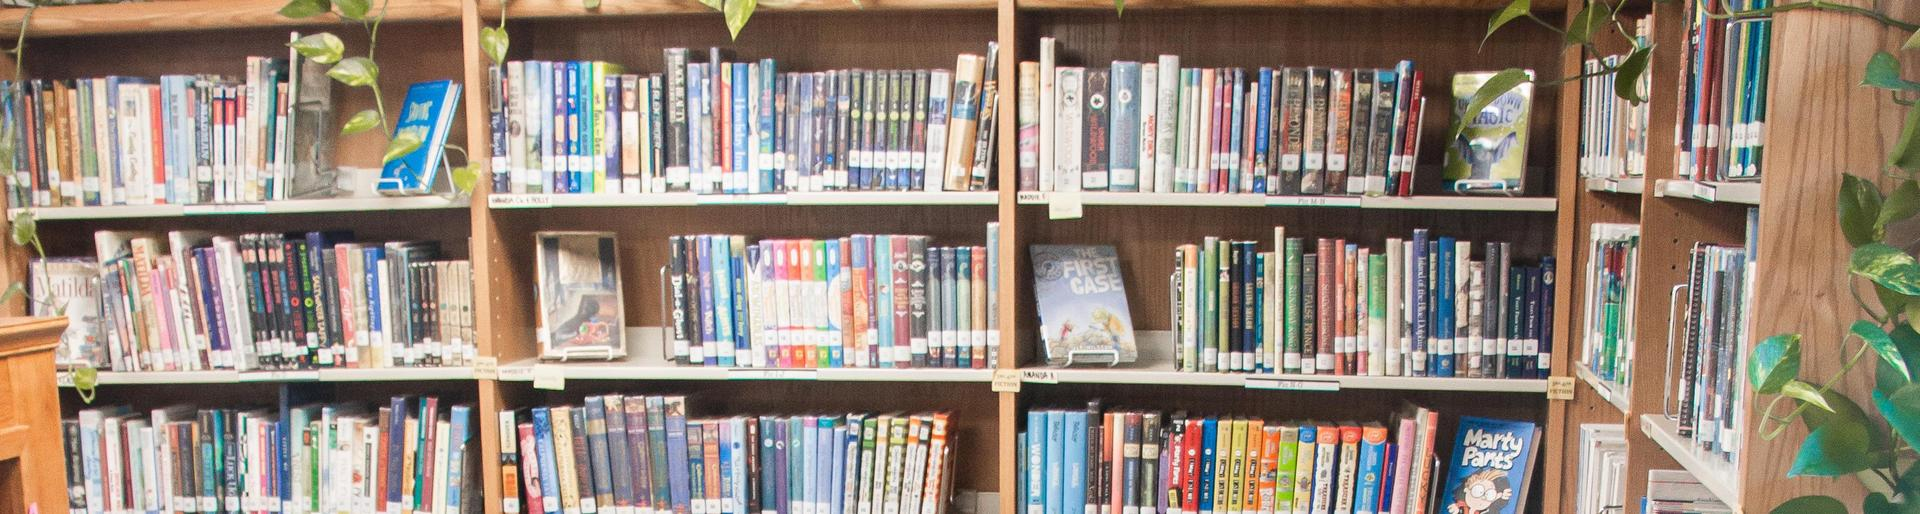 Shelves of library books